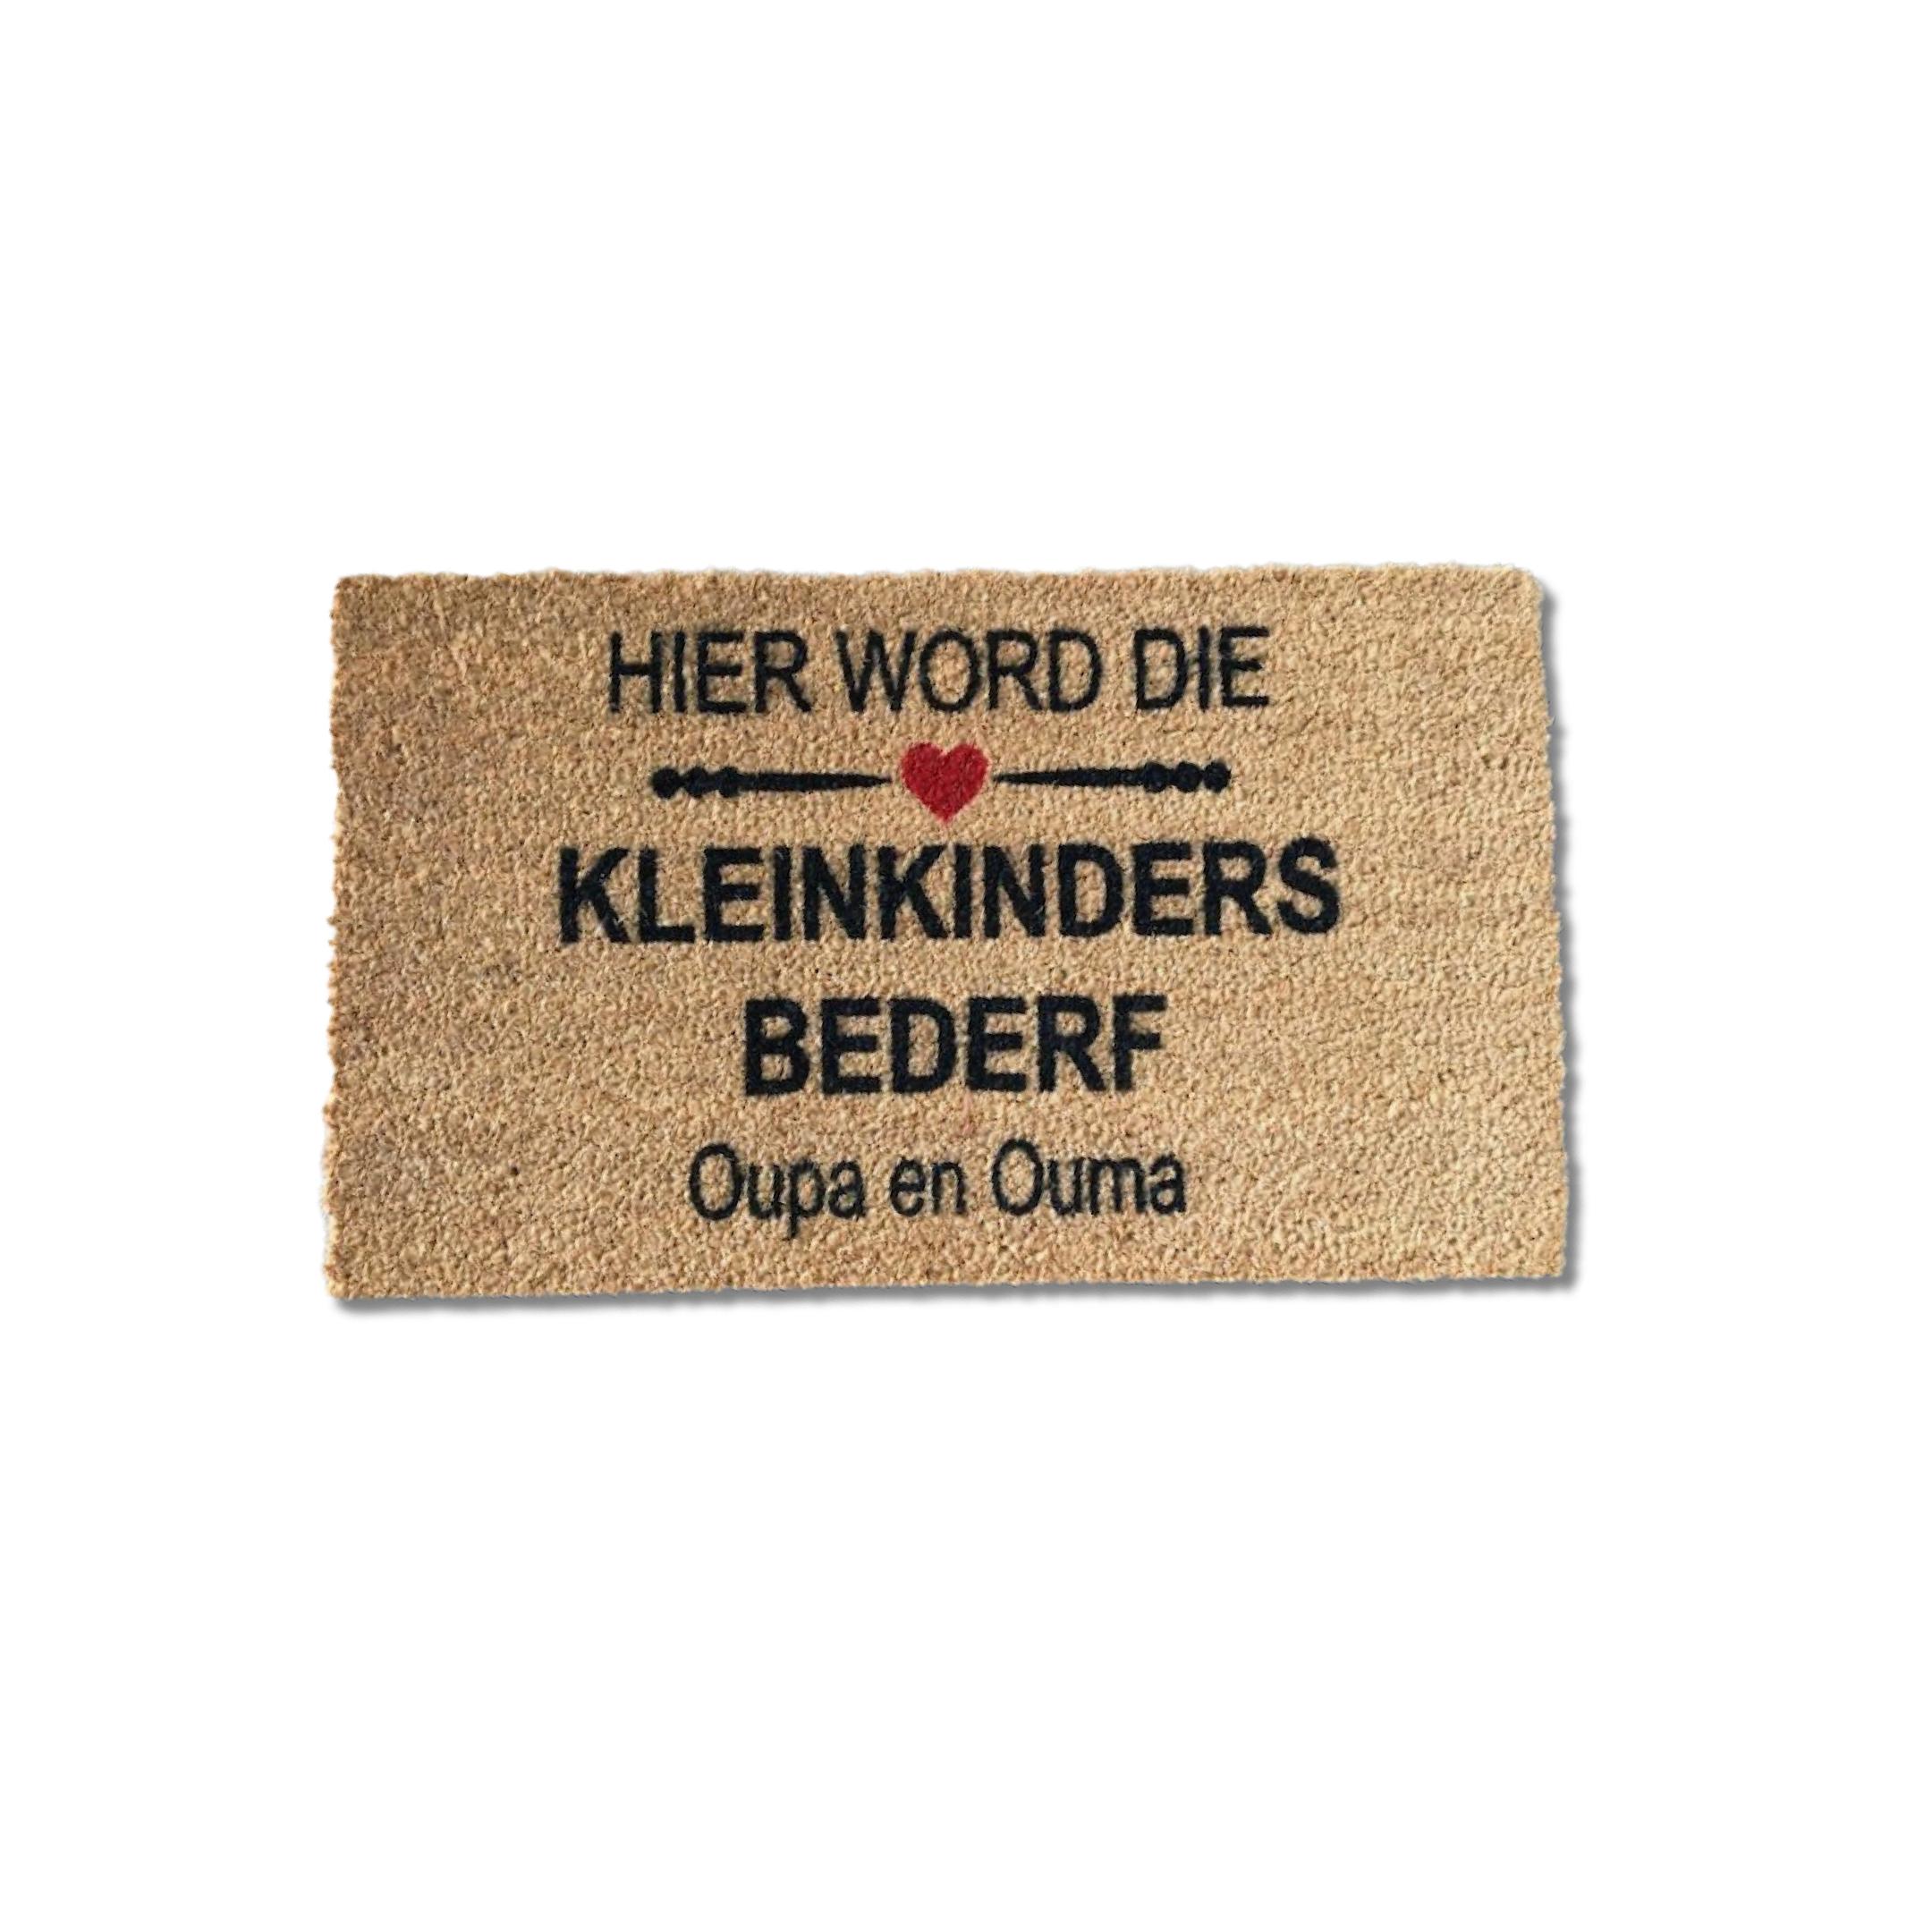 'Matnifique Coir Doormat - Kleinkinder Bederf 'Matnifique Coir Design Doormat - Kleinkinder Bederf Design 700 x 400 x 14mm